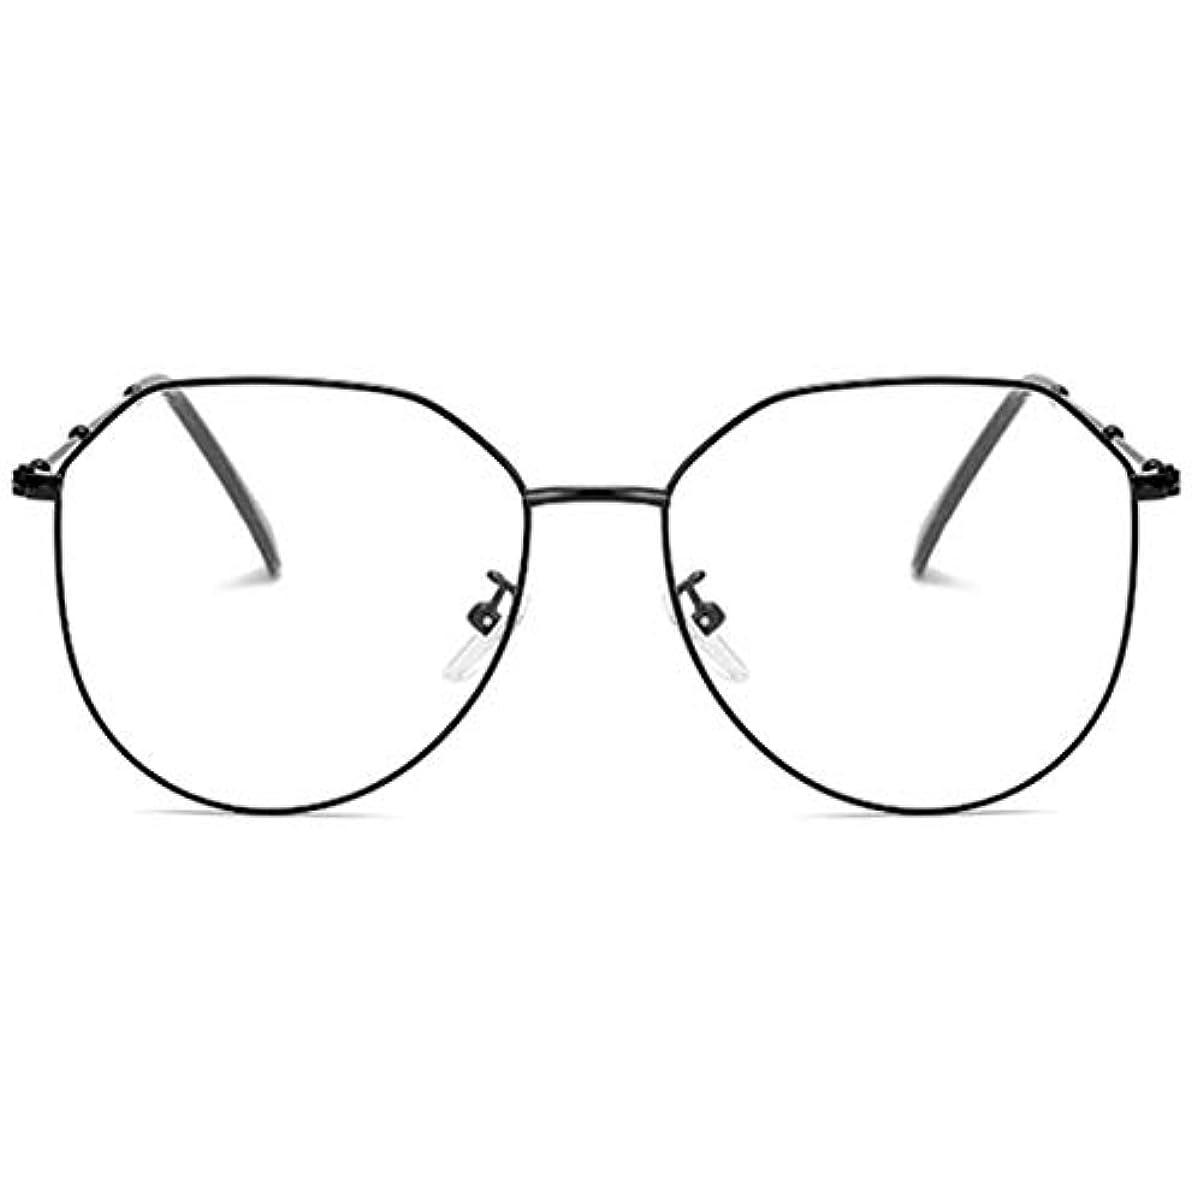 パラダイス処理するキャビン放射線防護アンチブルーライト男性女性メガネ軽量金属フレームプレーンミラーレンズアイウェアメガネ-ブラック